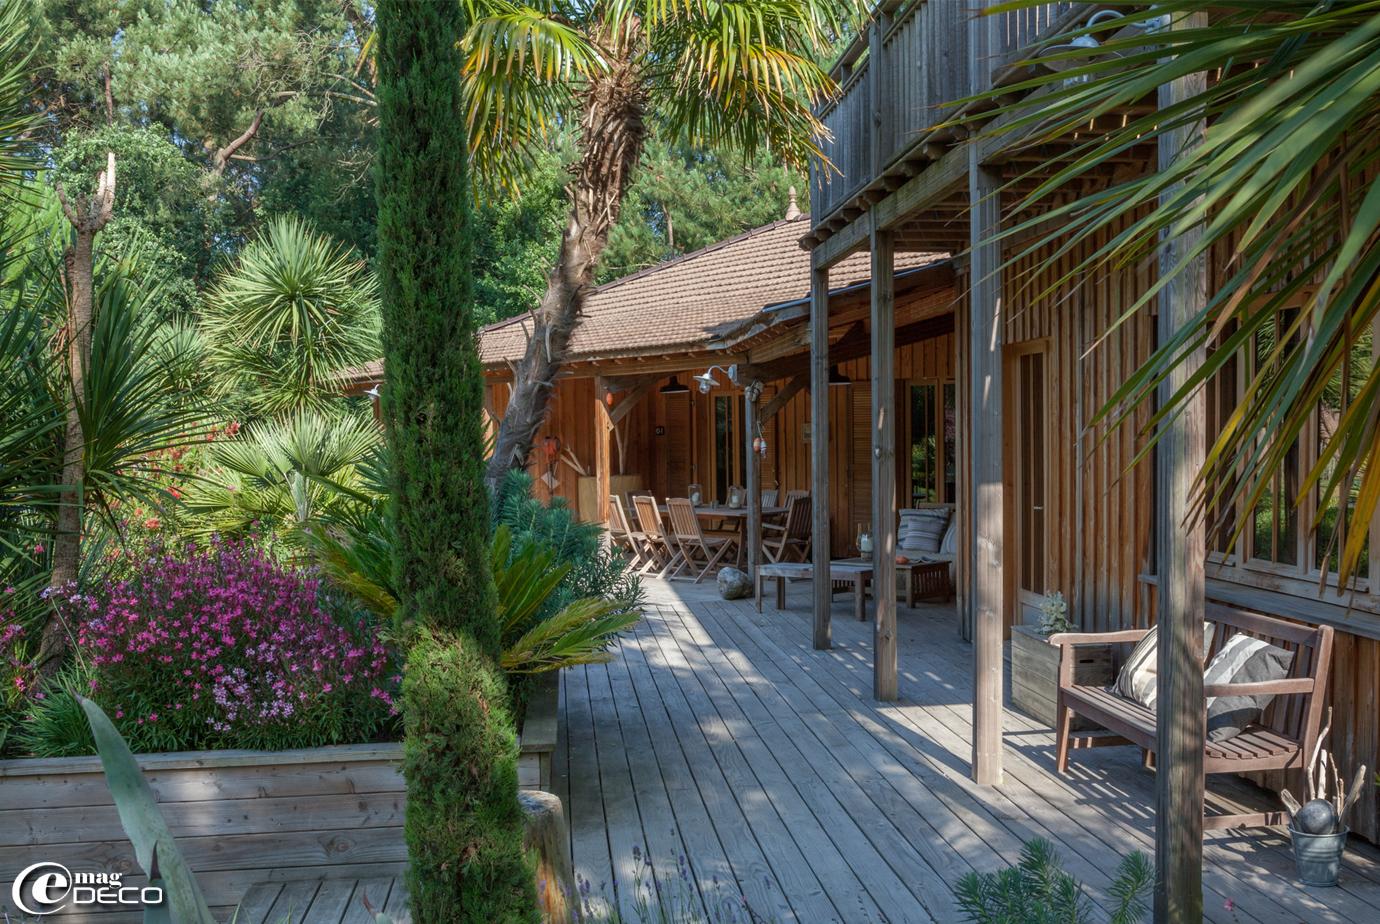 Design cabane jardin terrasse boulogne billancourt 2313 cabane cabane a sucre montreal - Cabane jardin occasion boulogne billancourt ...